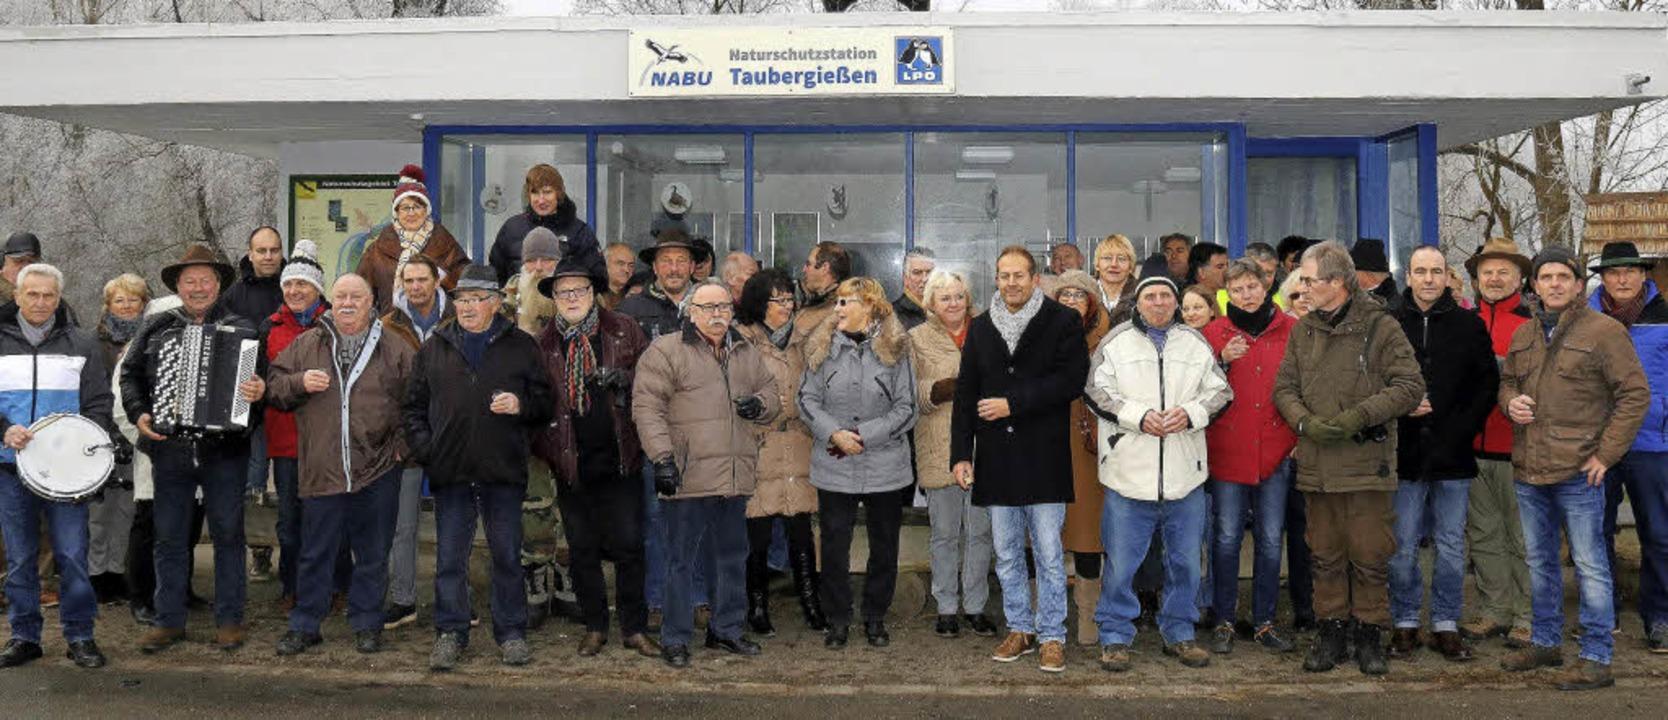 Gemeinsam gedachten Deutsche und Franz...appeler Taubergießen, Arsène Schnepf.     Foto: Herbert Birkle